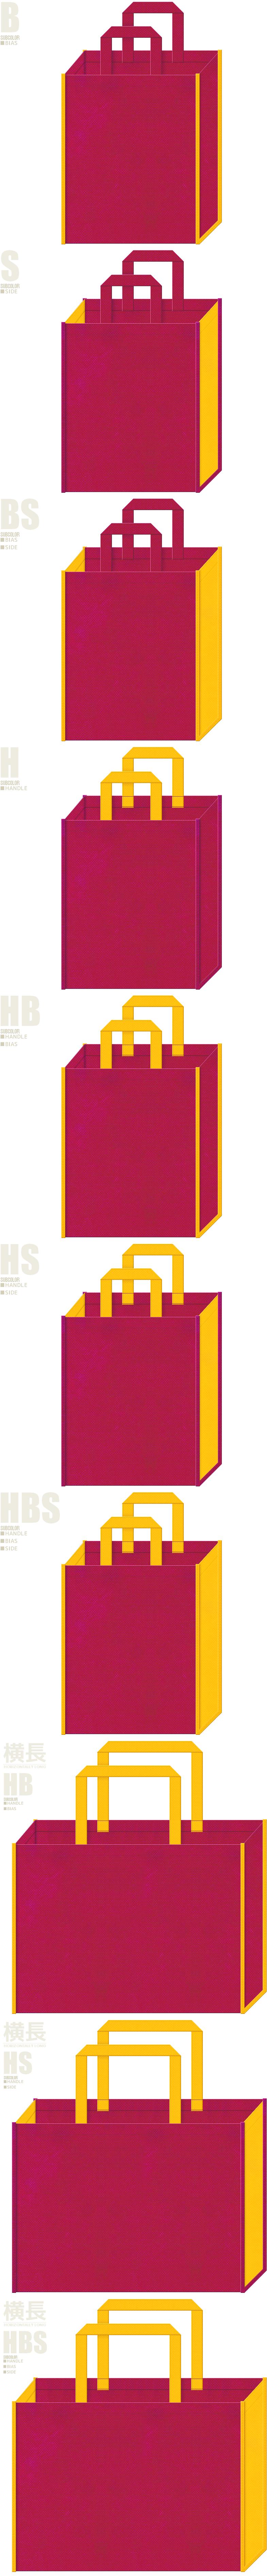 通園バッグ・レッスンバッグ・フラワーパーク・観光・南国リゾート・トロピカル・おもちゃ・テーマパーク・お姫様・ピエロ・サーカス・ゲーム・キッズイベント・女子イベントにお奨めの不織布バッグデザイン:濃いピンク色と黄色の配色7パターン